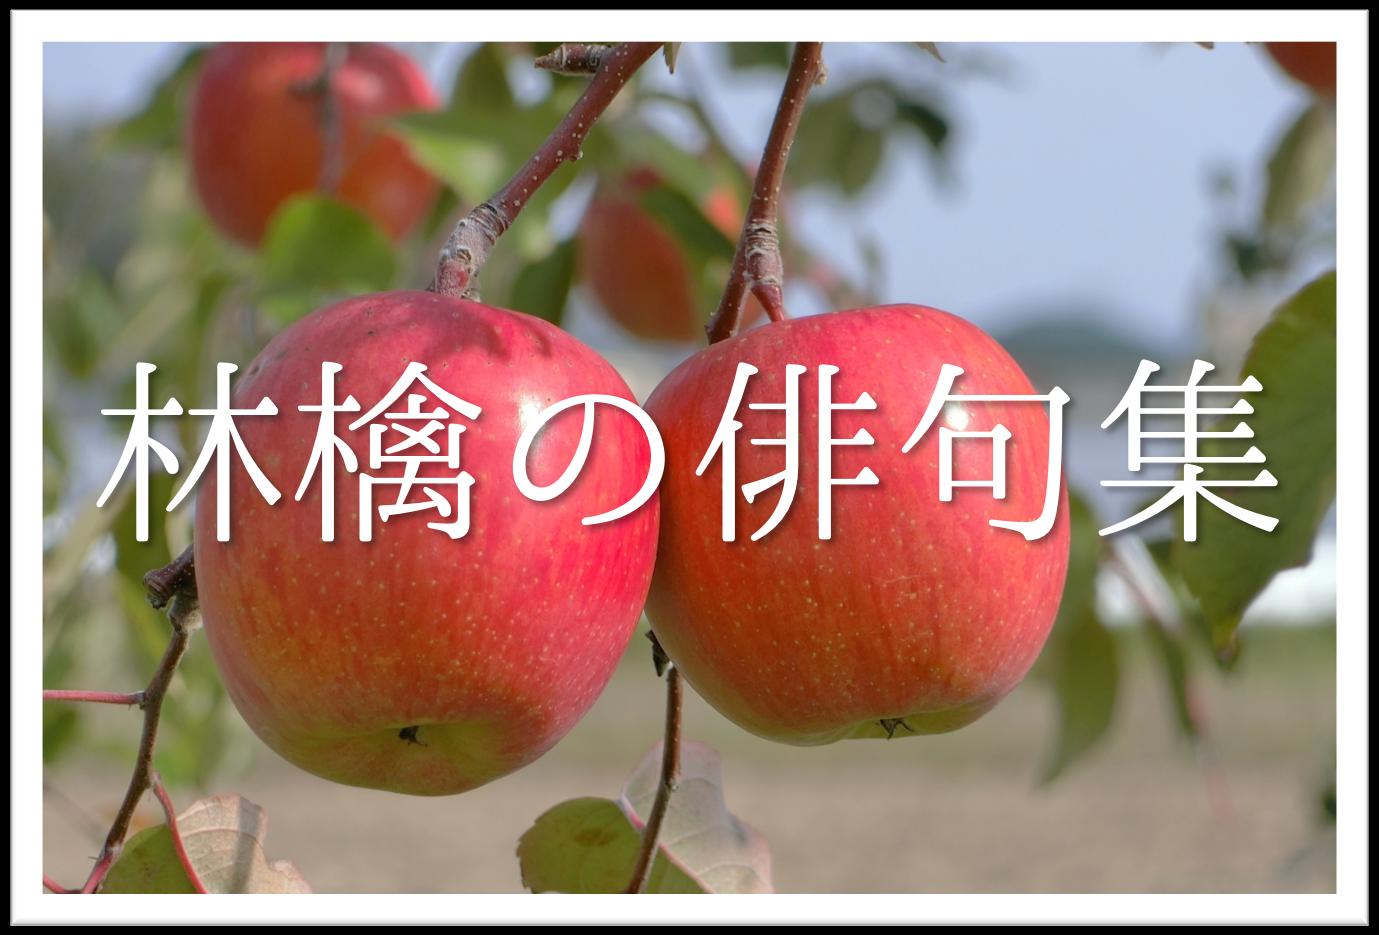 【林檎(りんご)の俳句 30選】知っておきたい!!季語を含むおすすめ有名&素人俳句を紹介!